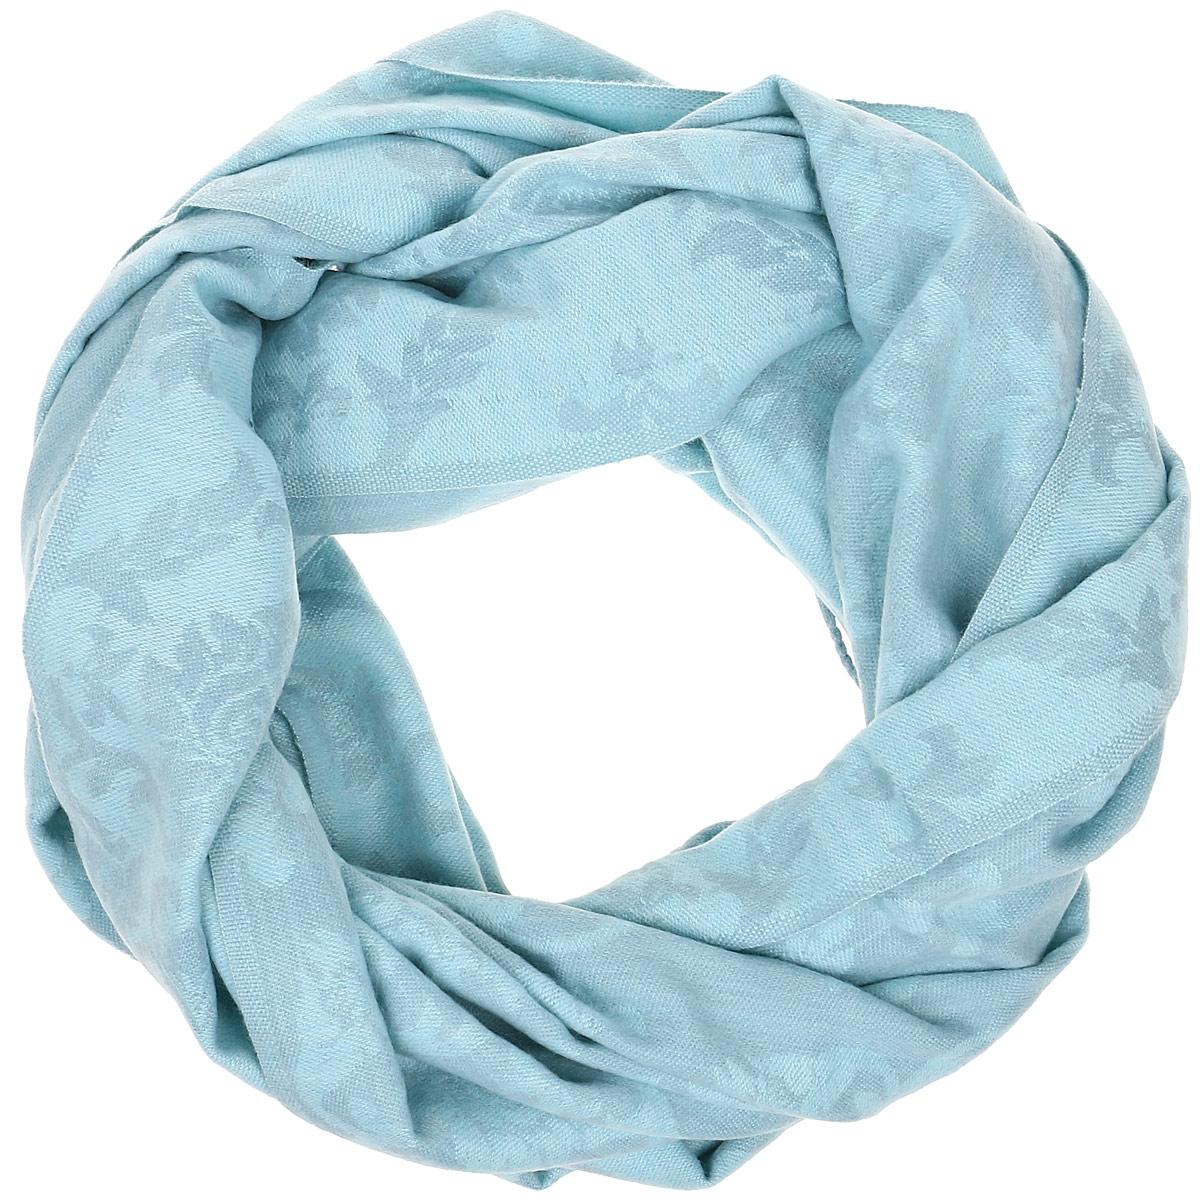 Шарф женский Sela, цвет: светло-бирюзовый. SCw-142/463-6404. Размер 185 см x 65,5 смSCw-142/463-6404Модный женский шарф Sela подарит вам уют и станет стильным аксессуаром, который призван подчеркнуть вашу индивидуальность и женственность.Теплый шарф выполнен из 100% акрила, он невероятно мягкий и приятный на ощупь. Шарф оформлен оригинальным цветочным орнаментом и украшен бахромой в виде жгутиков по краям. Этот модный аксессуар гармонично дополнит образ современной женщины.